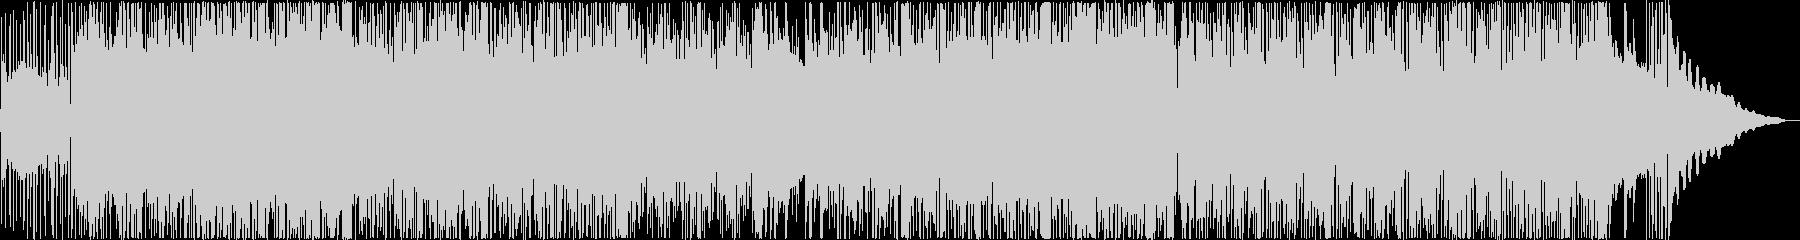 アコースティックギターのスタイリッシュ曲の未再生の波形